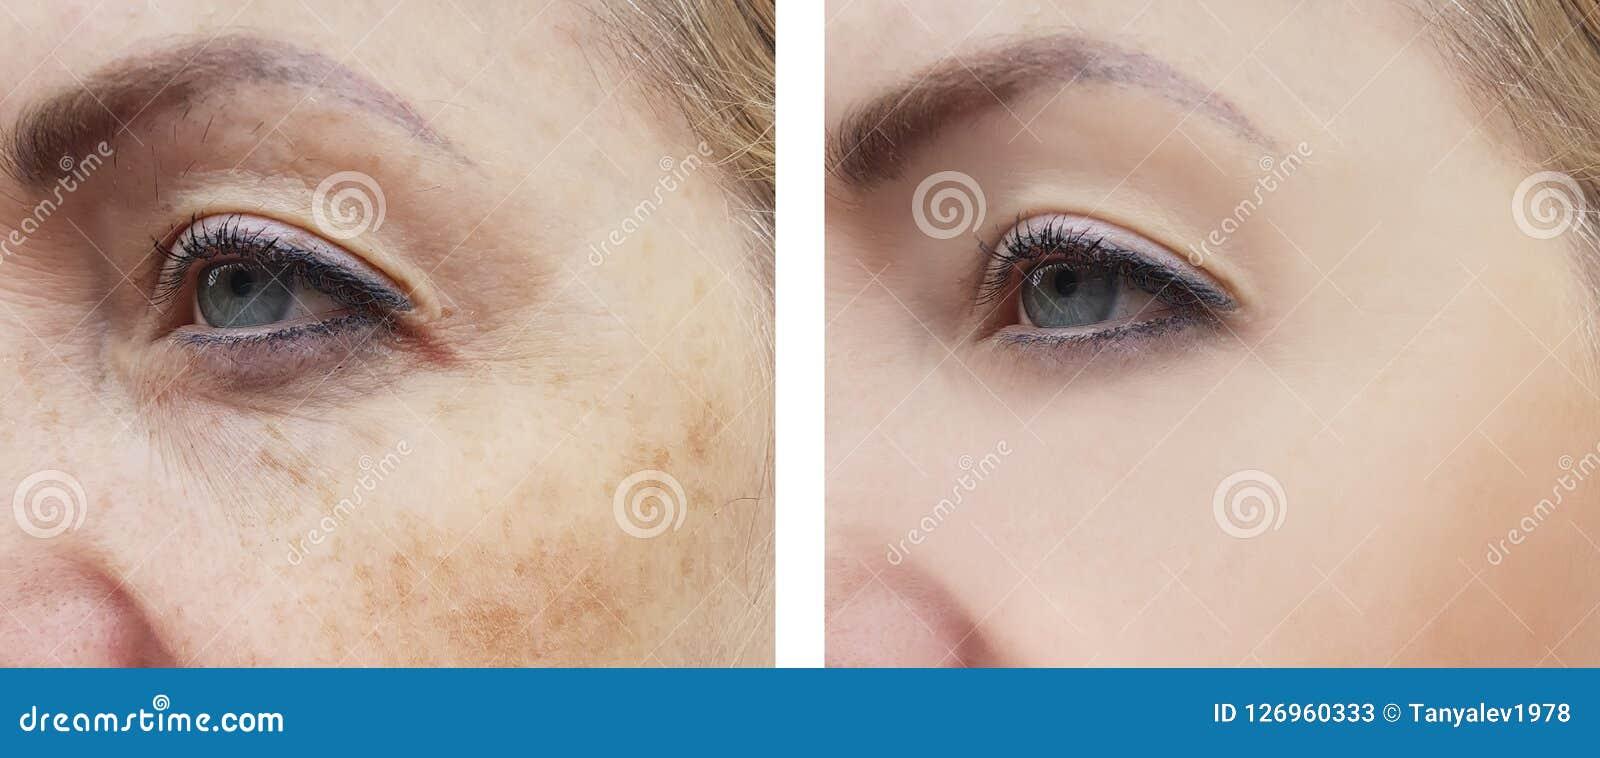 Το πρόσωπο γυναικών ζαρώνει την υγεία θεραπείας διορθώσεων διαφοράς χρώσης πριν και μετά από τις διαδικασίες